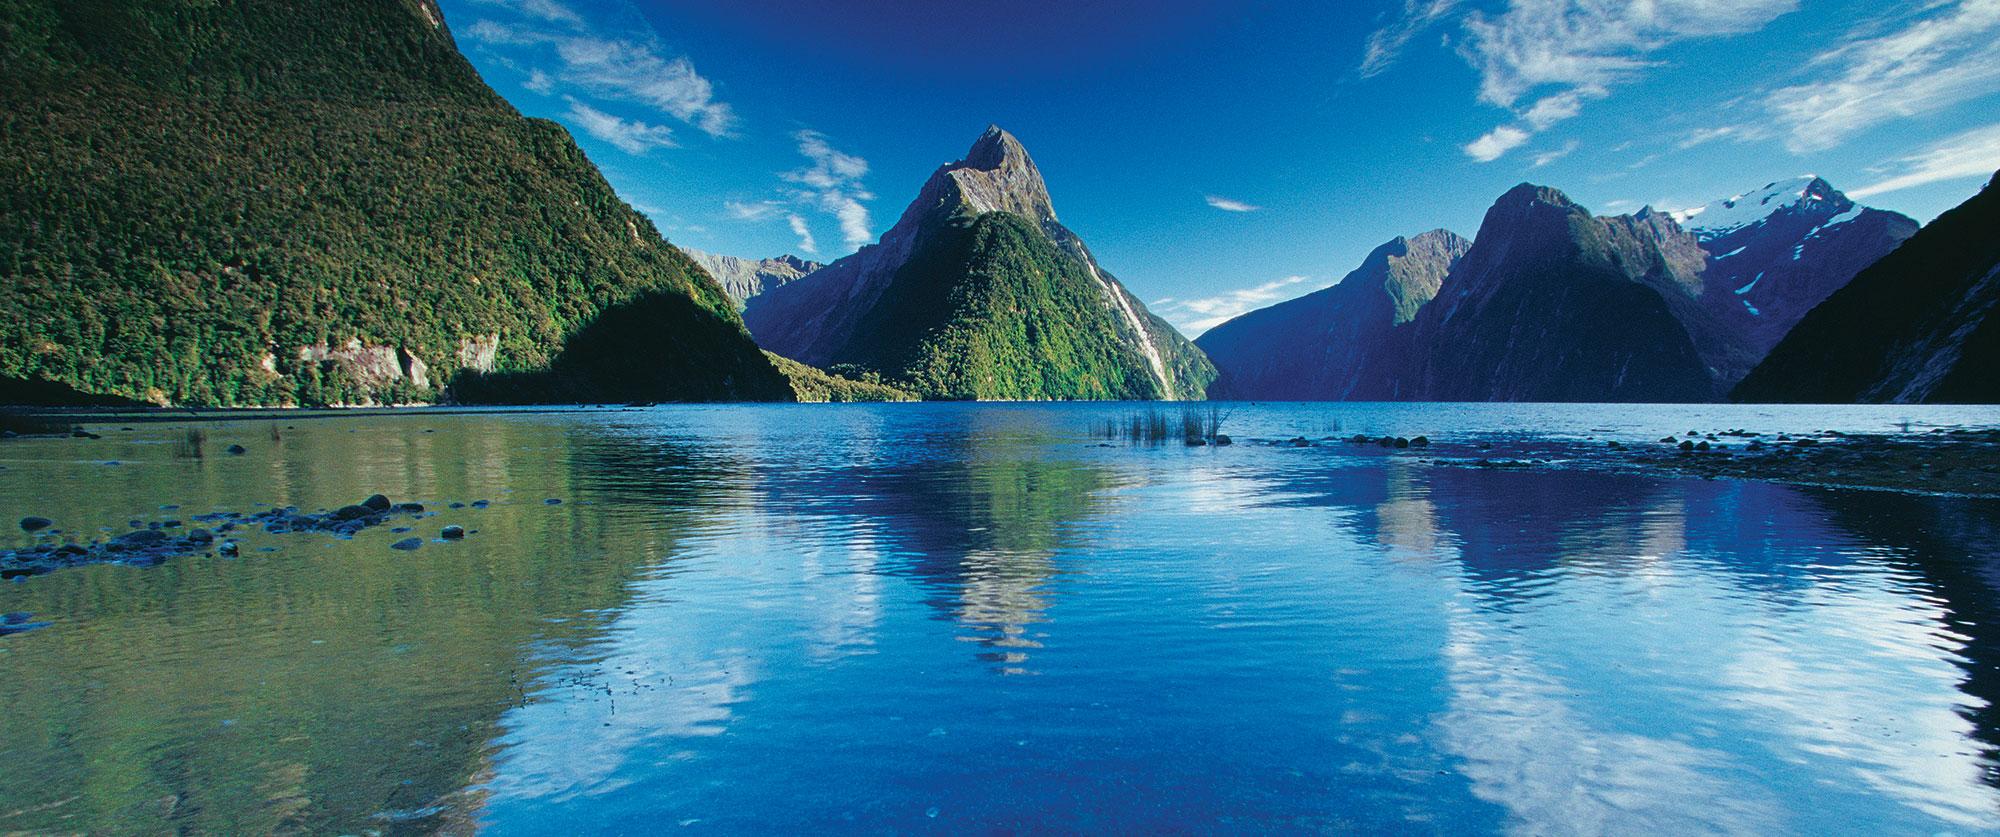 Honeymoon Adventure - New Zealand Cook Islands